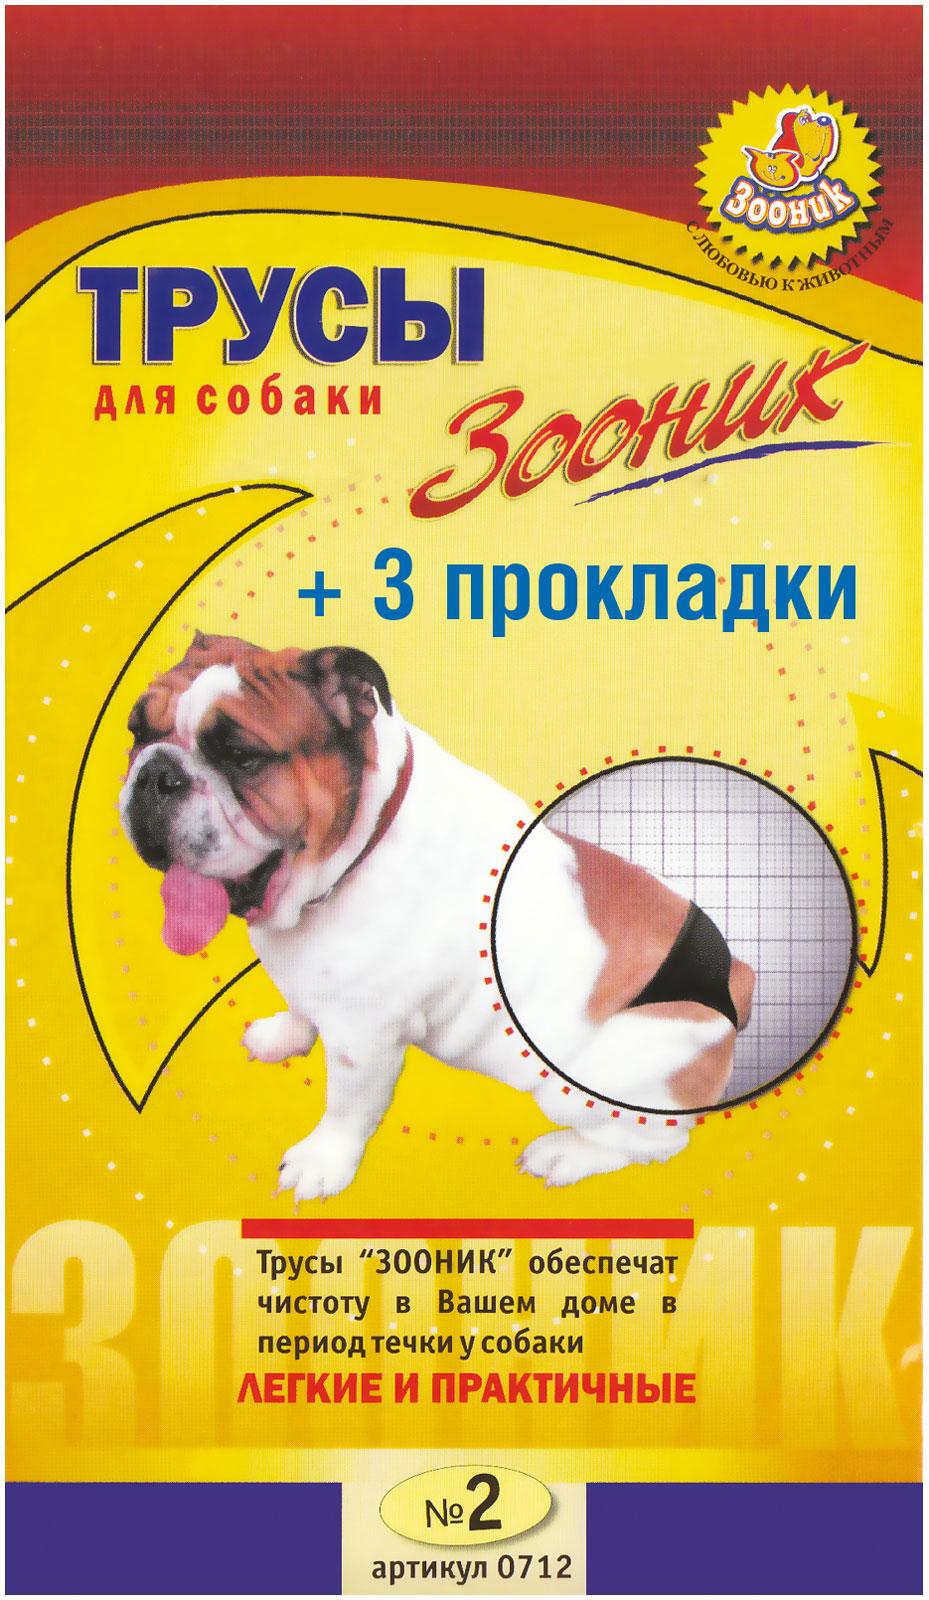 Трусы гигиенические Зооник для собак № 2 32 – 39 см (1 шт)